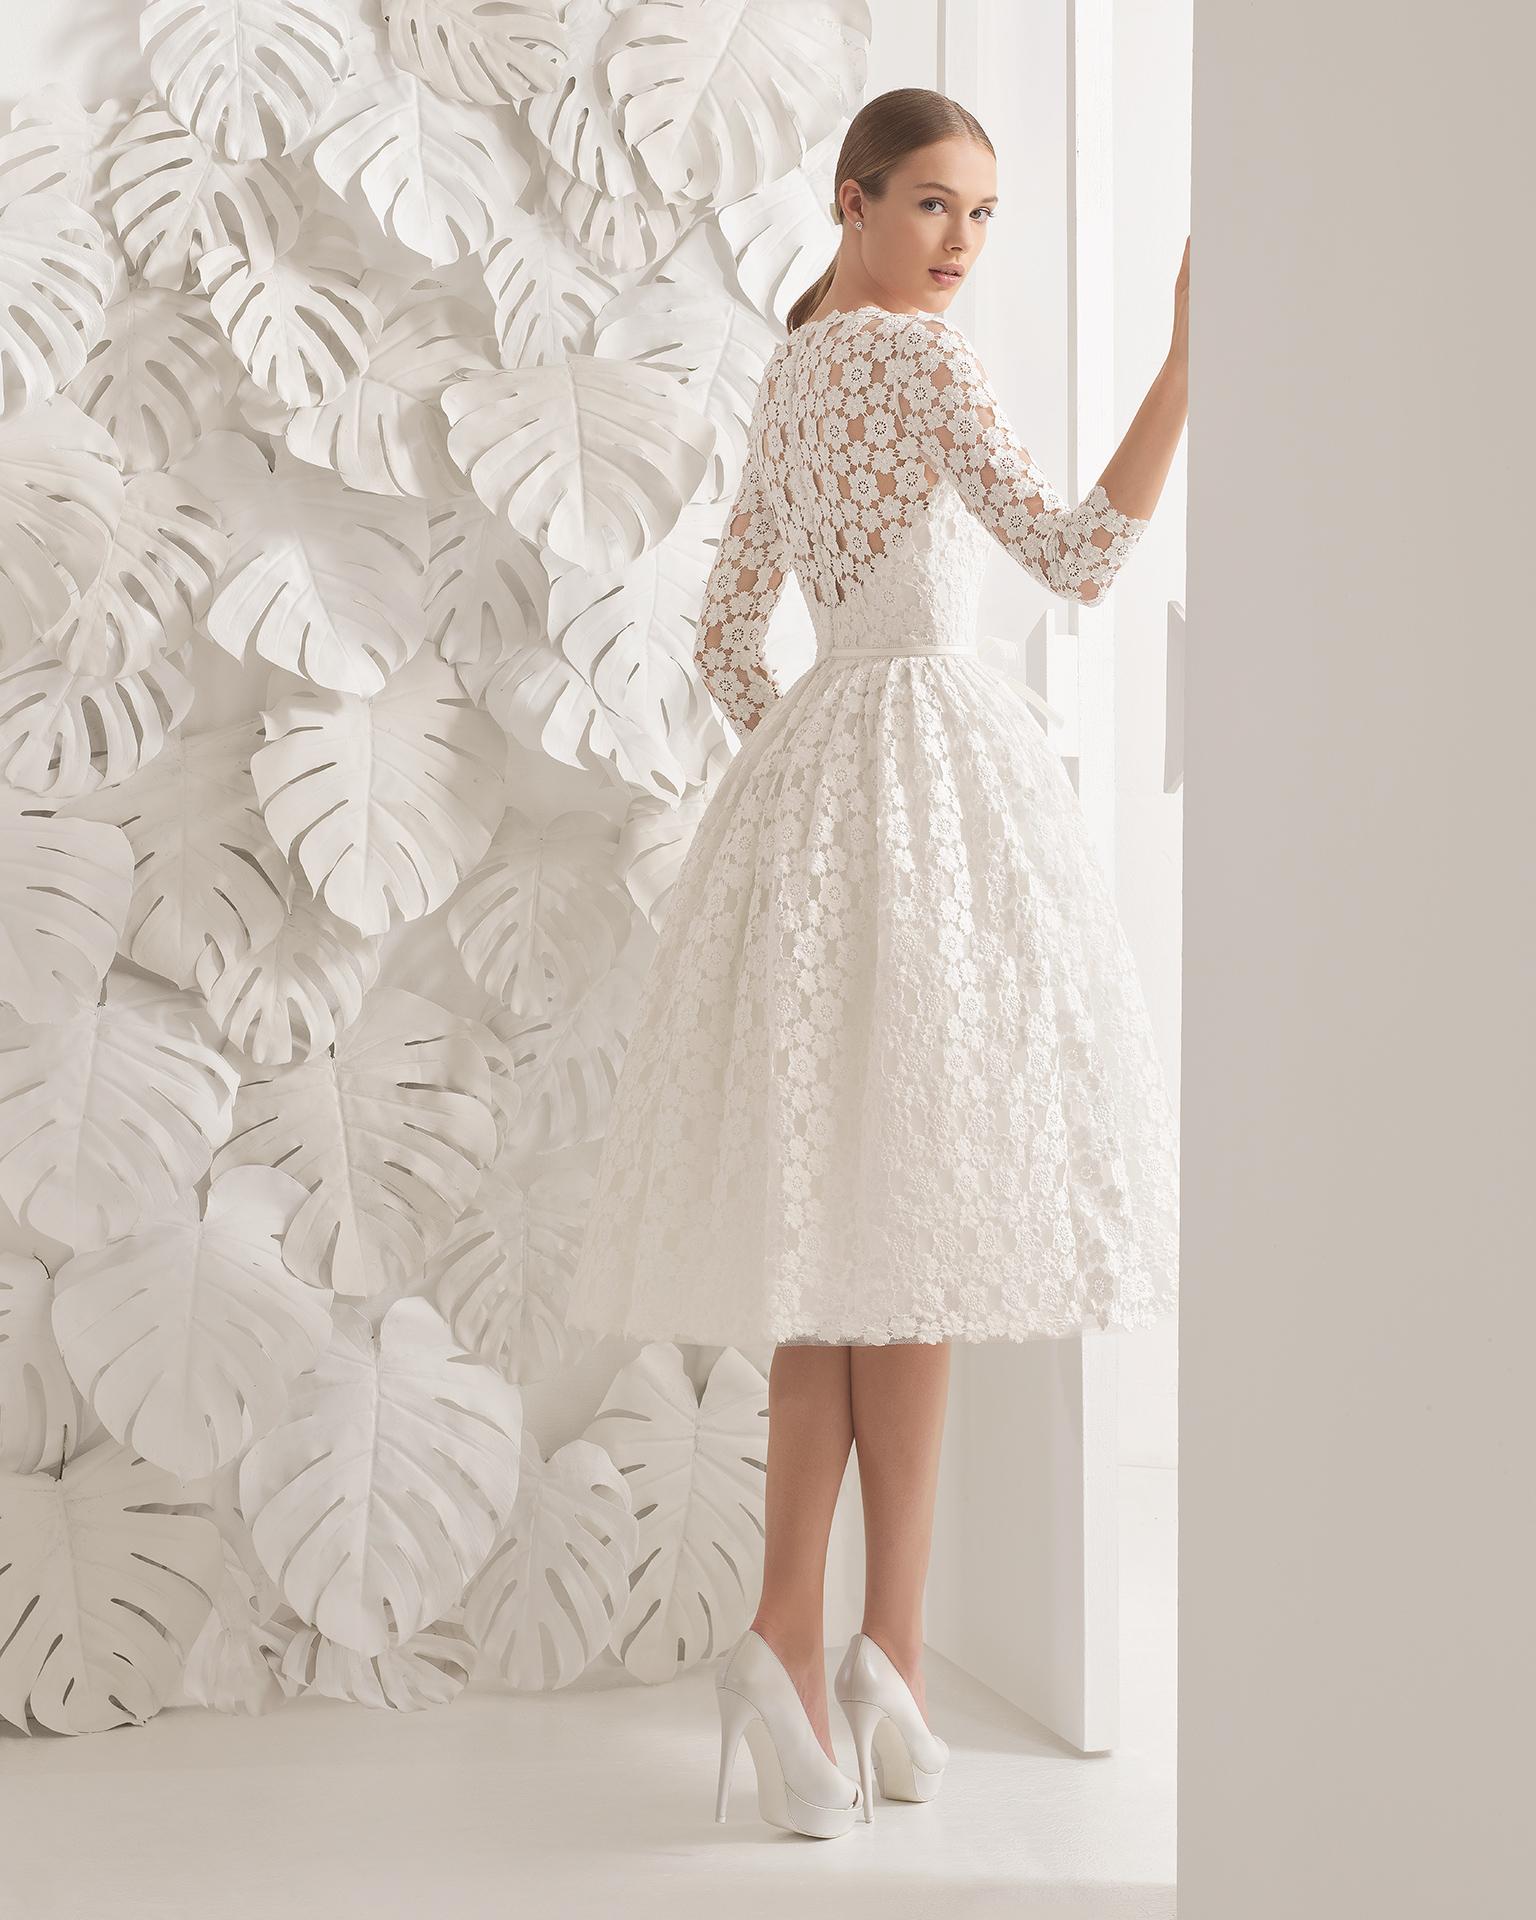 Vestidos de novia con guipur